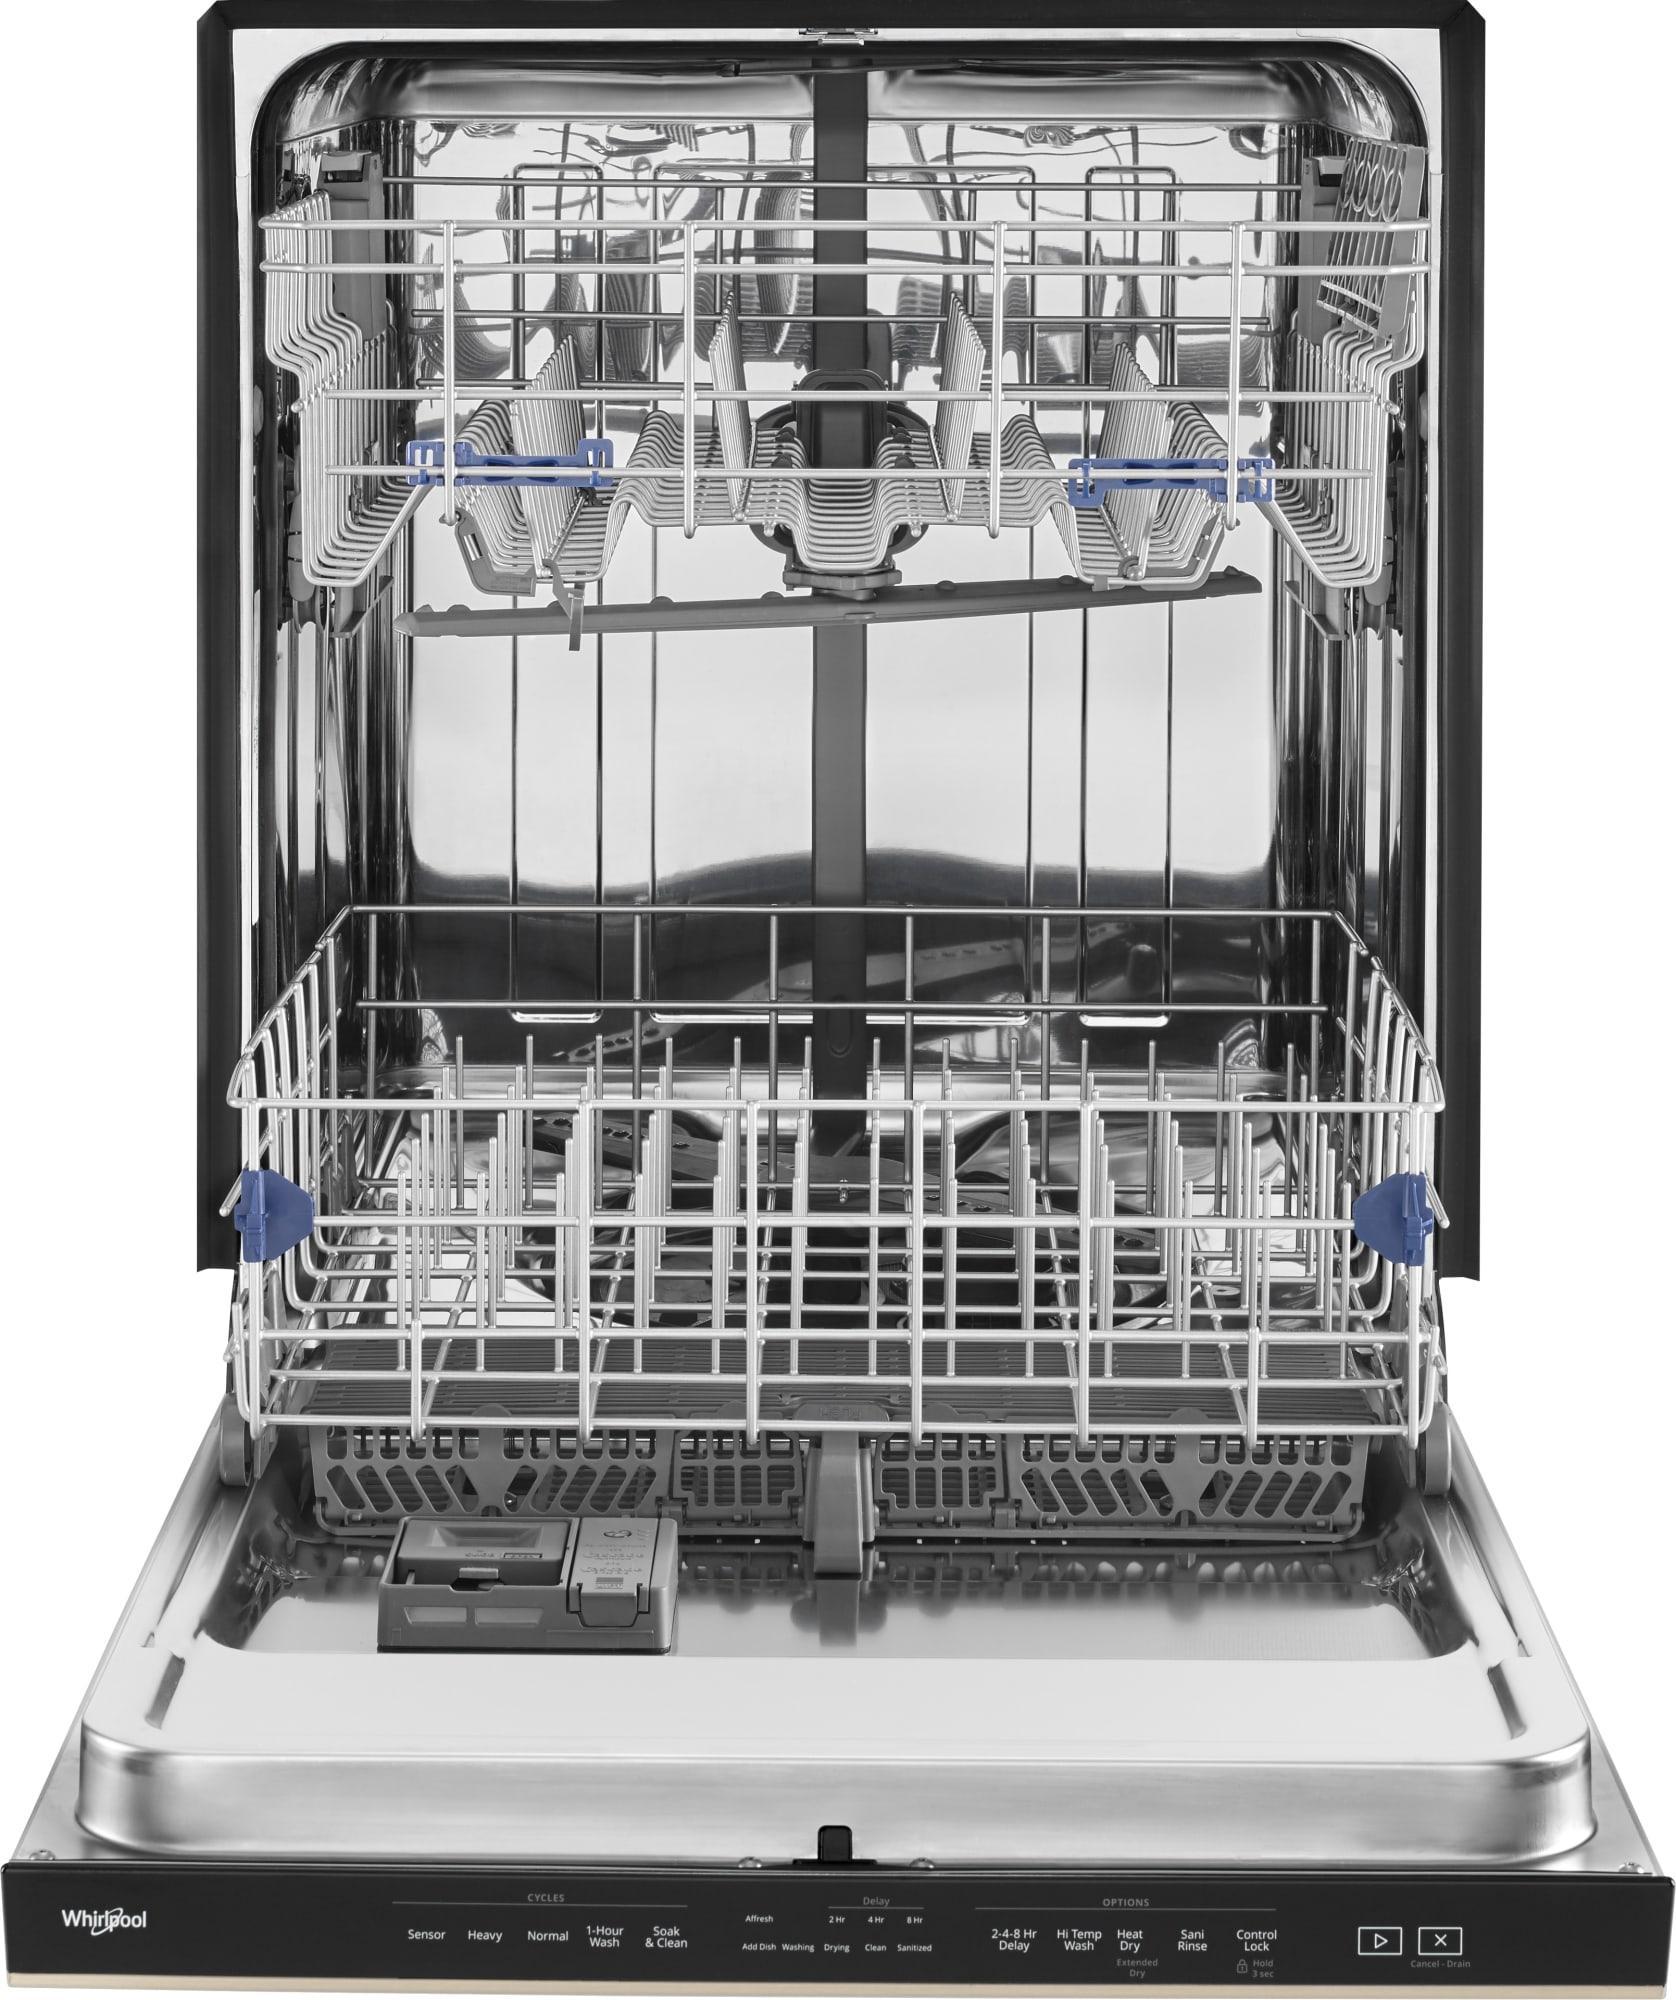 Wdta50sahz Whirlpool Wdta50sahz Built In Dishwashers